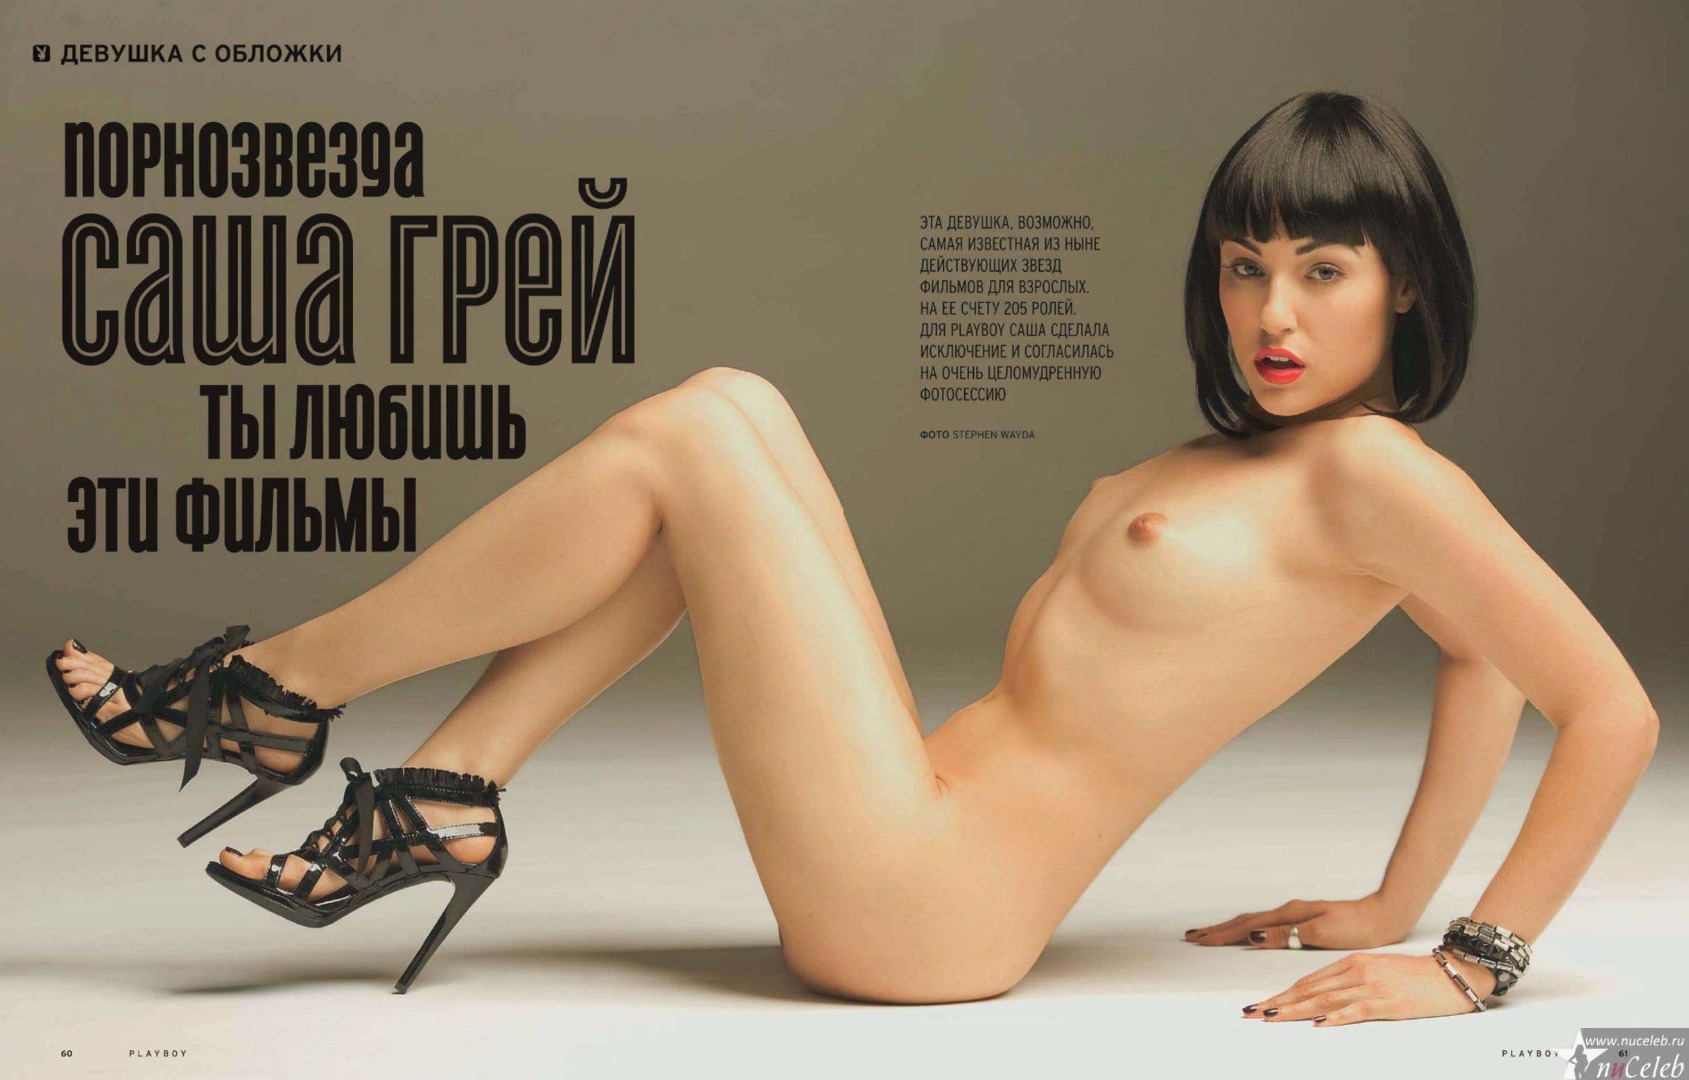 Саша грей туфельки 14 фотография